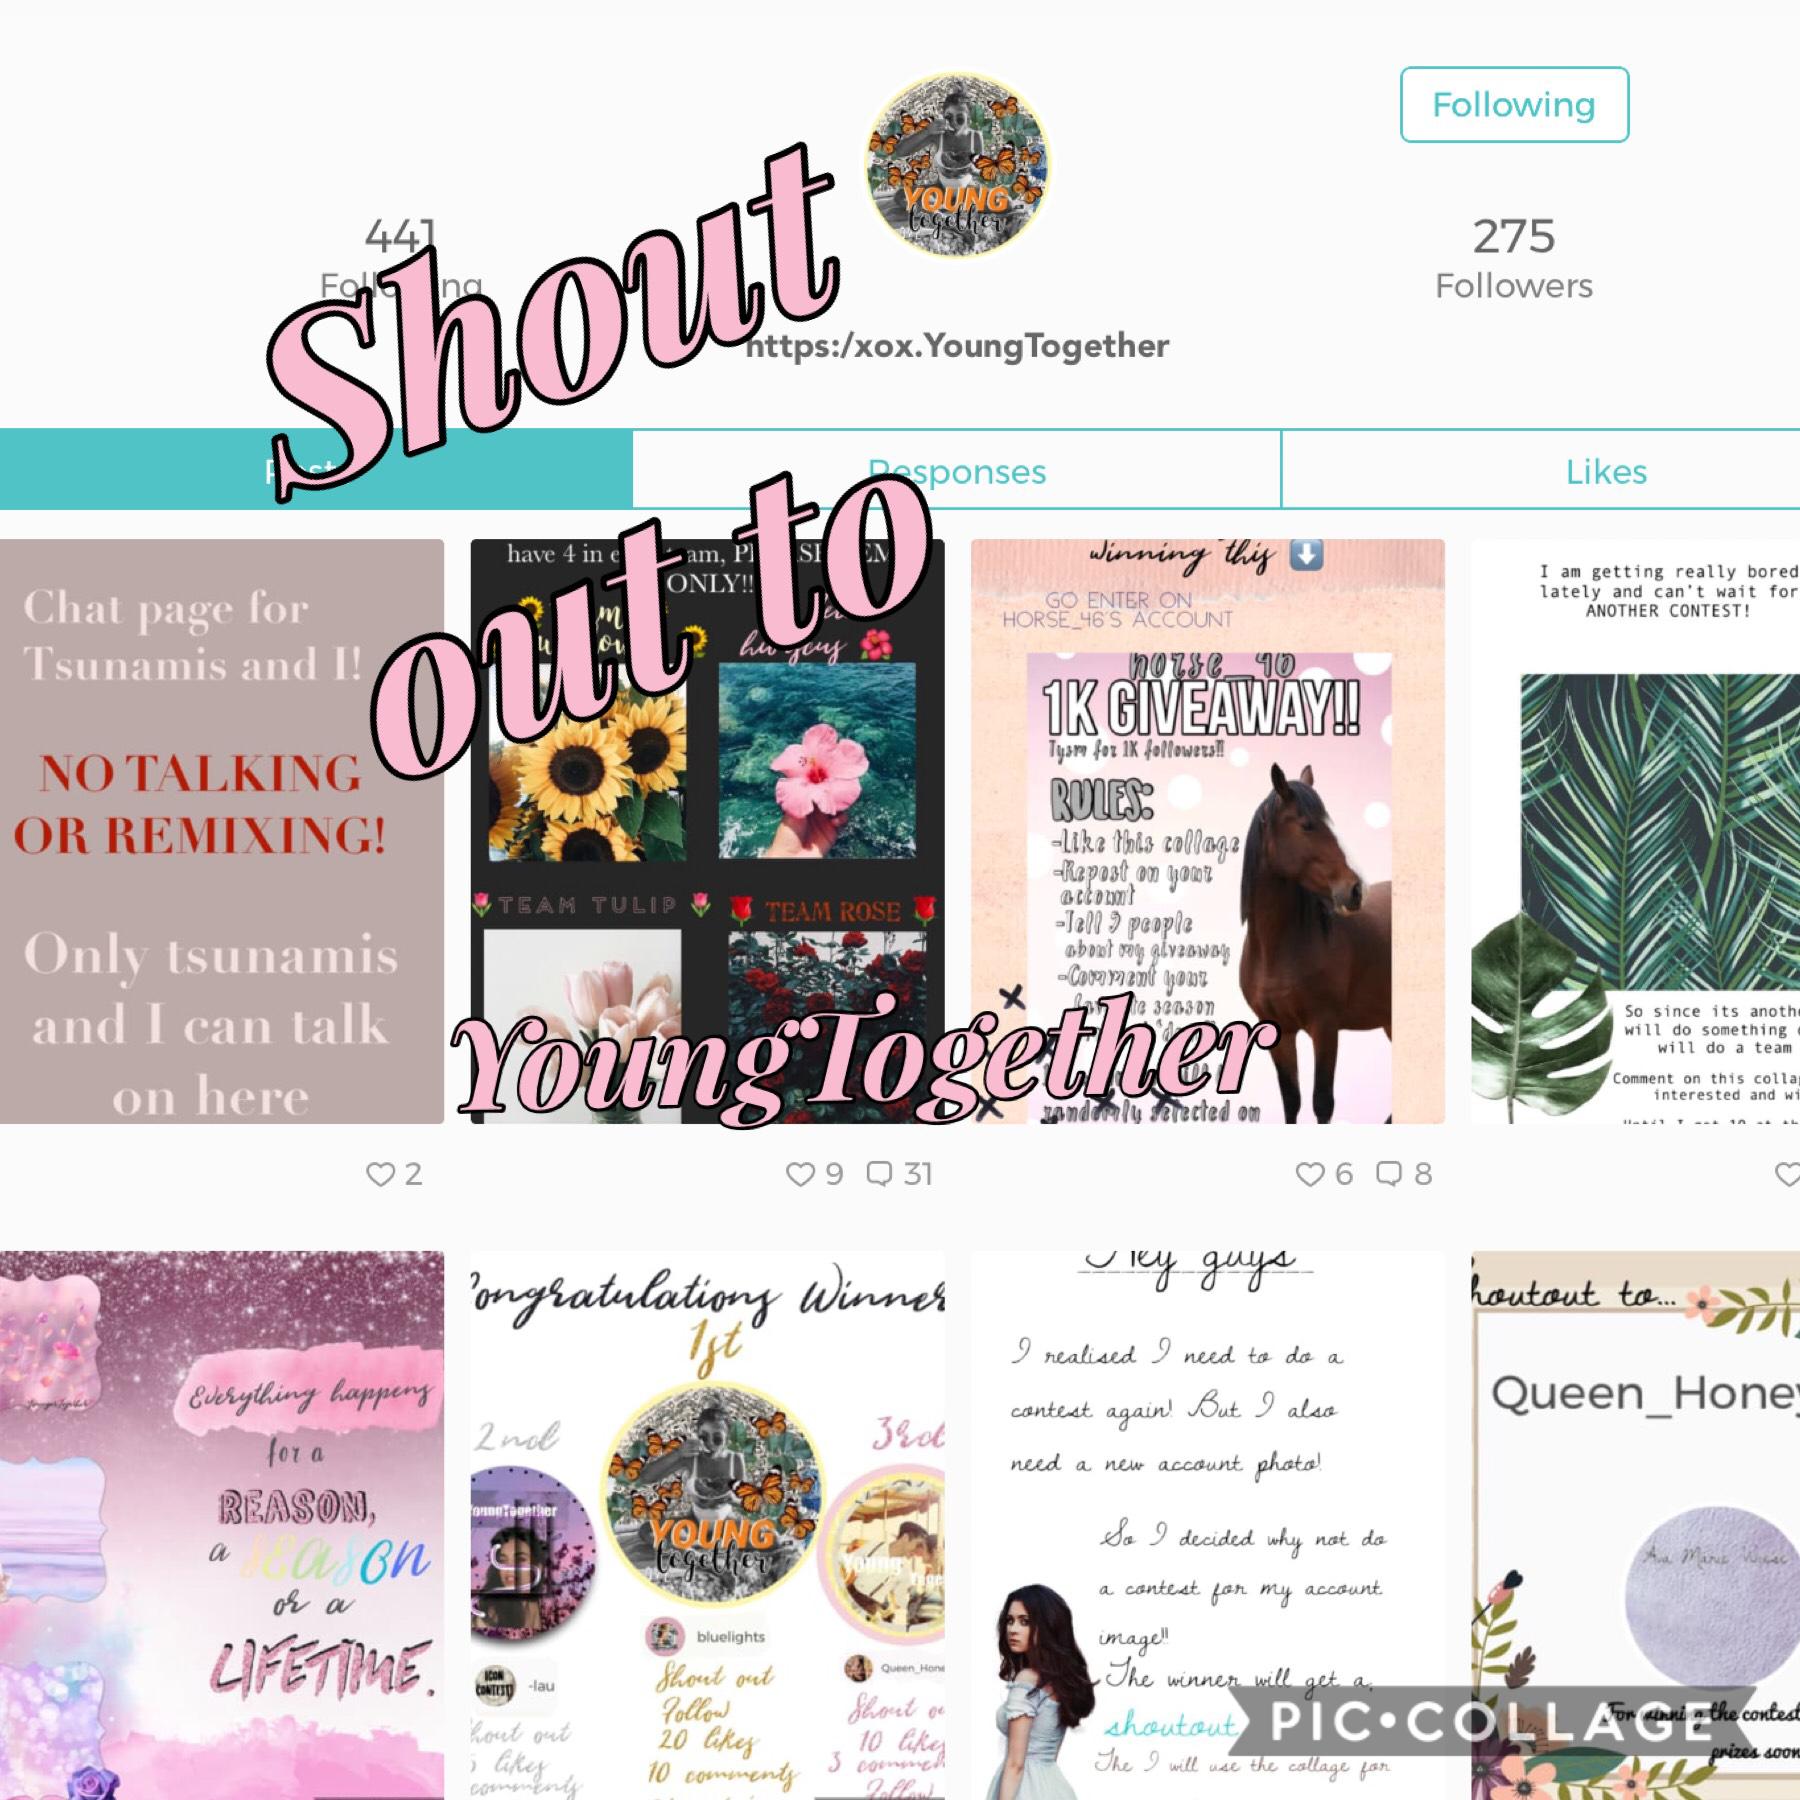 Go follow